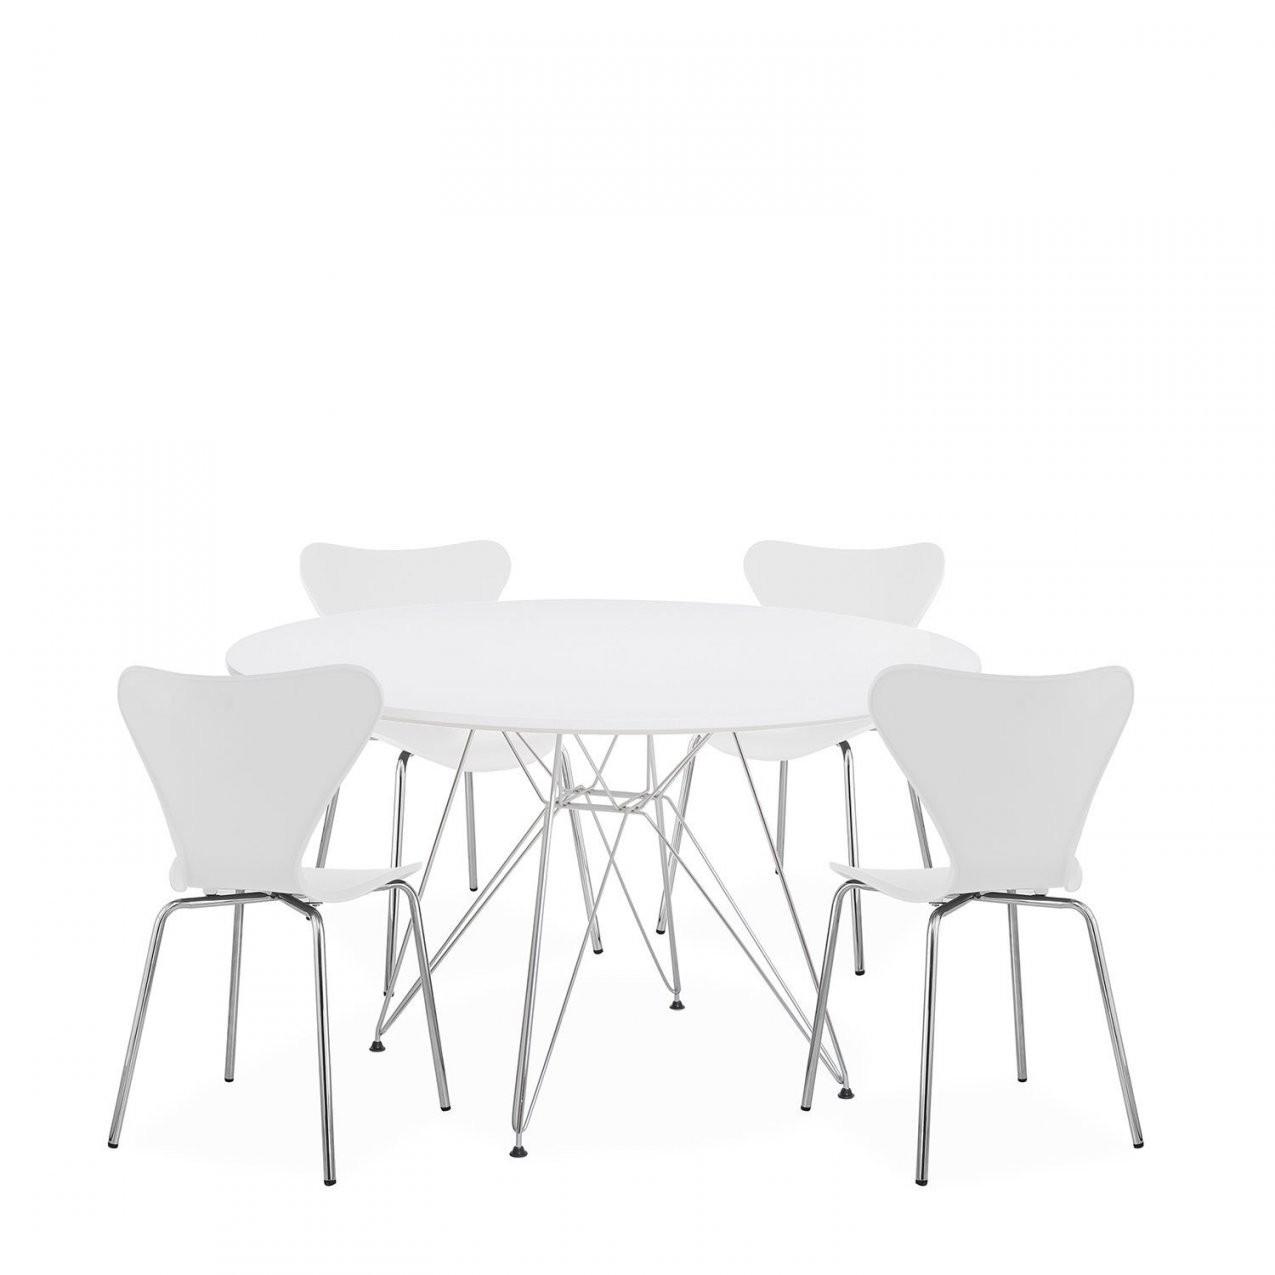 Stühle Lustig Skandinavische Stühle Klassiker Vortrefflich von Skandinavische Esszimmerstühle Bild